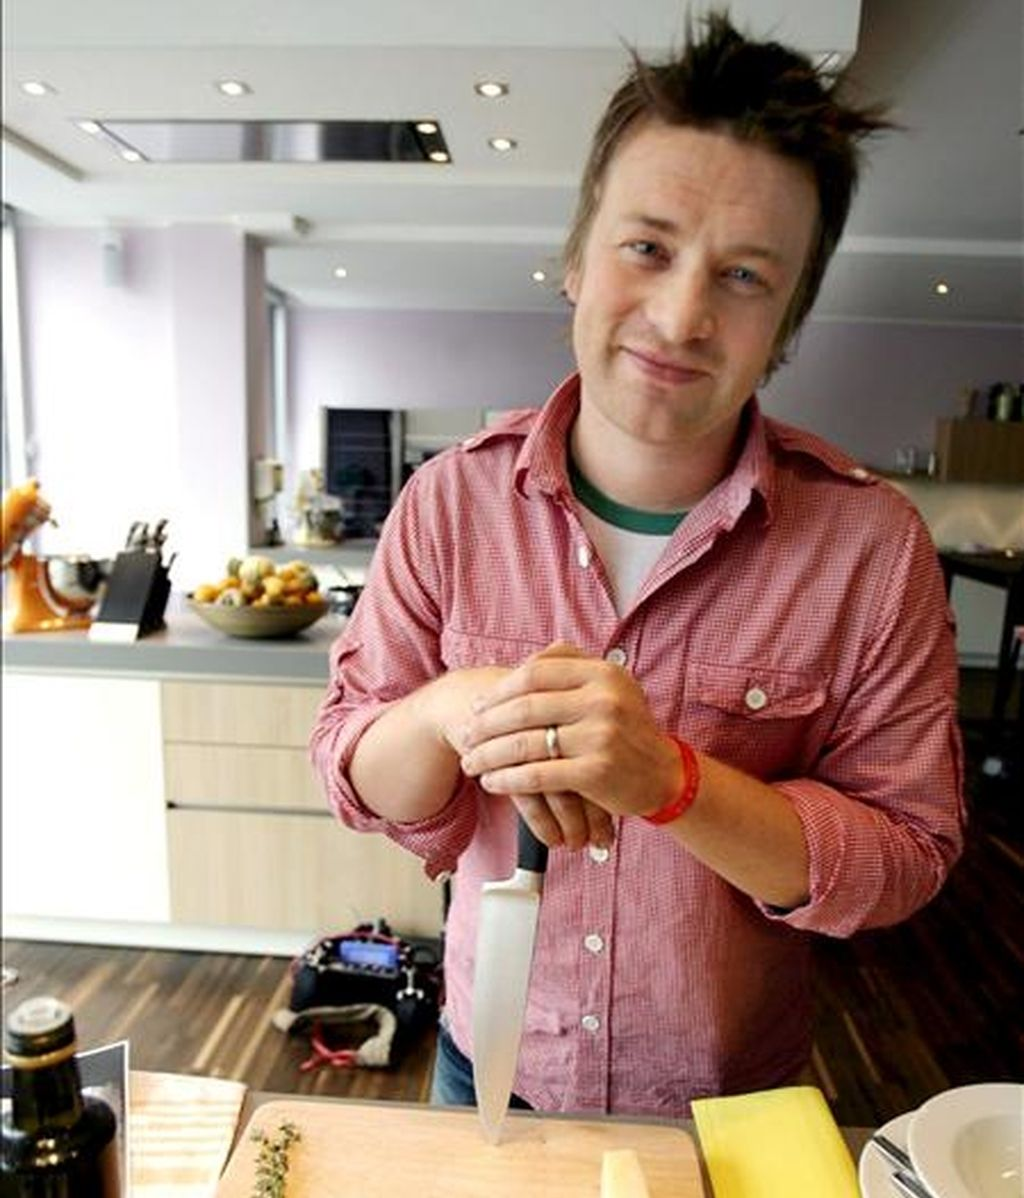 """El cocinero estrella de la televisión británica Jamie Oliver posa durante la presentación de su último libro 'Jamies culinary school - Everybody can cook"""" (La Escuela Culinaria de Jamie, Todo el mundo puede cocinar"""", en Duesseldorf, Alemania. EFE/Archivo"""